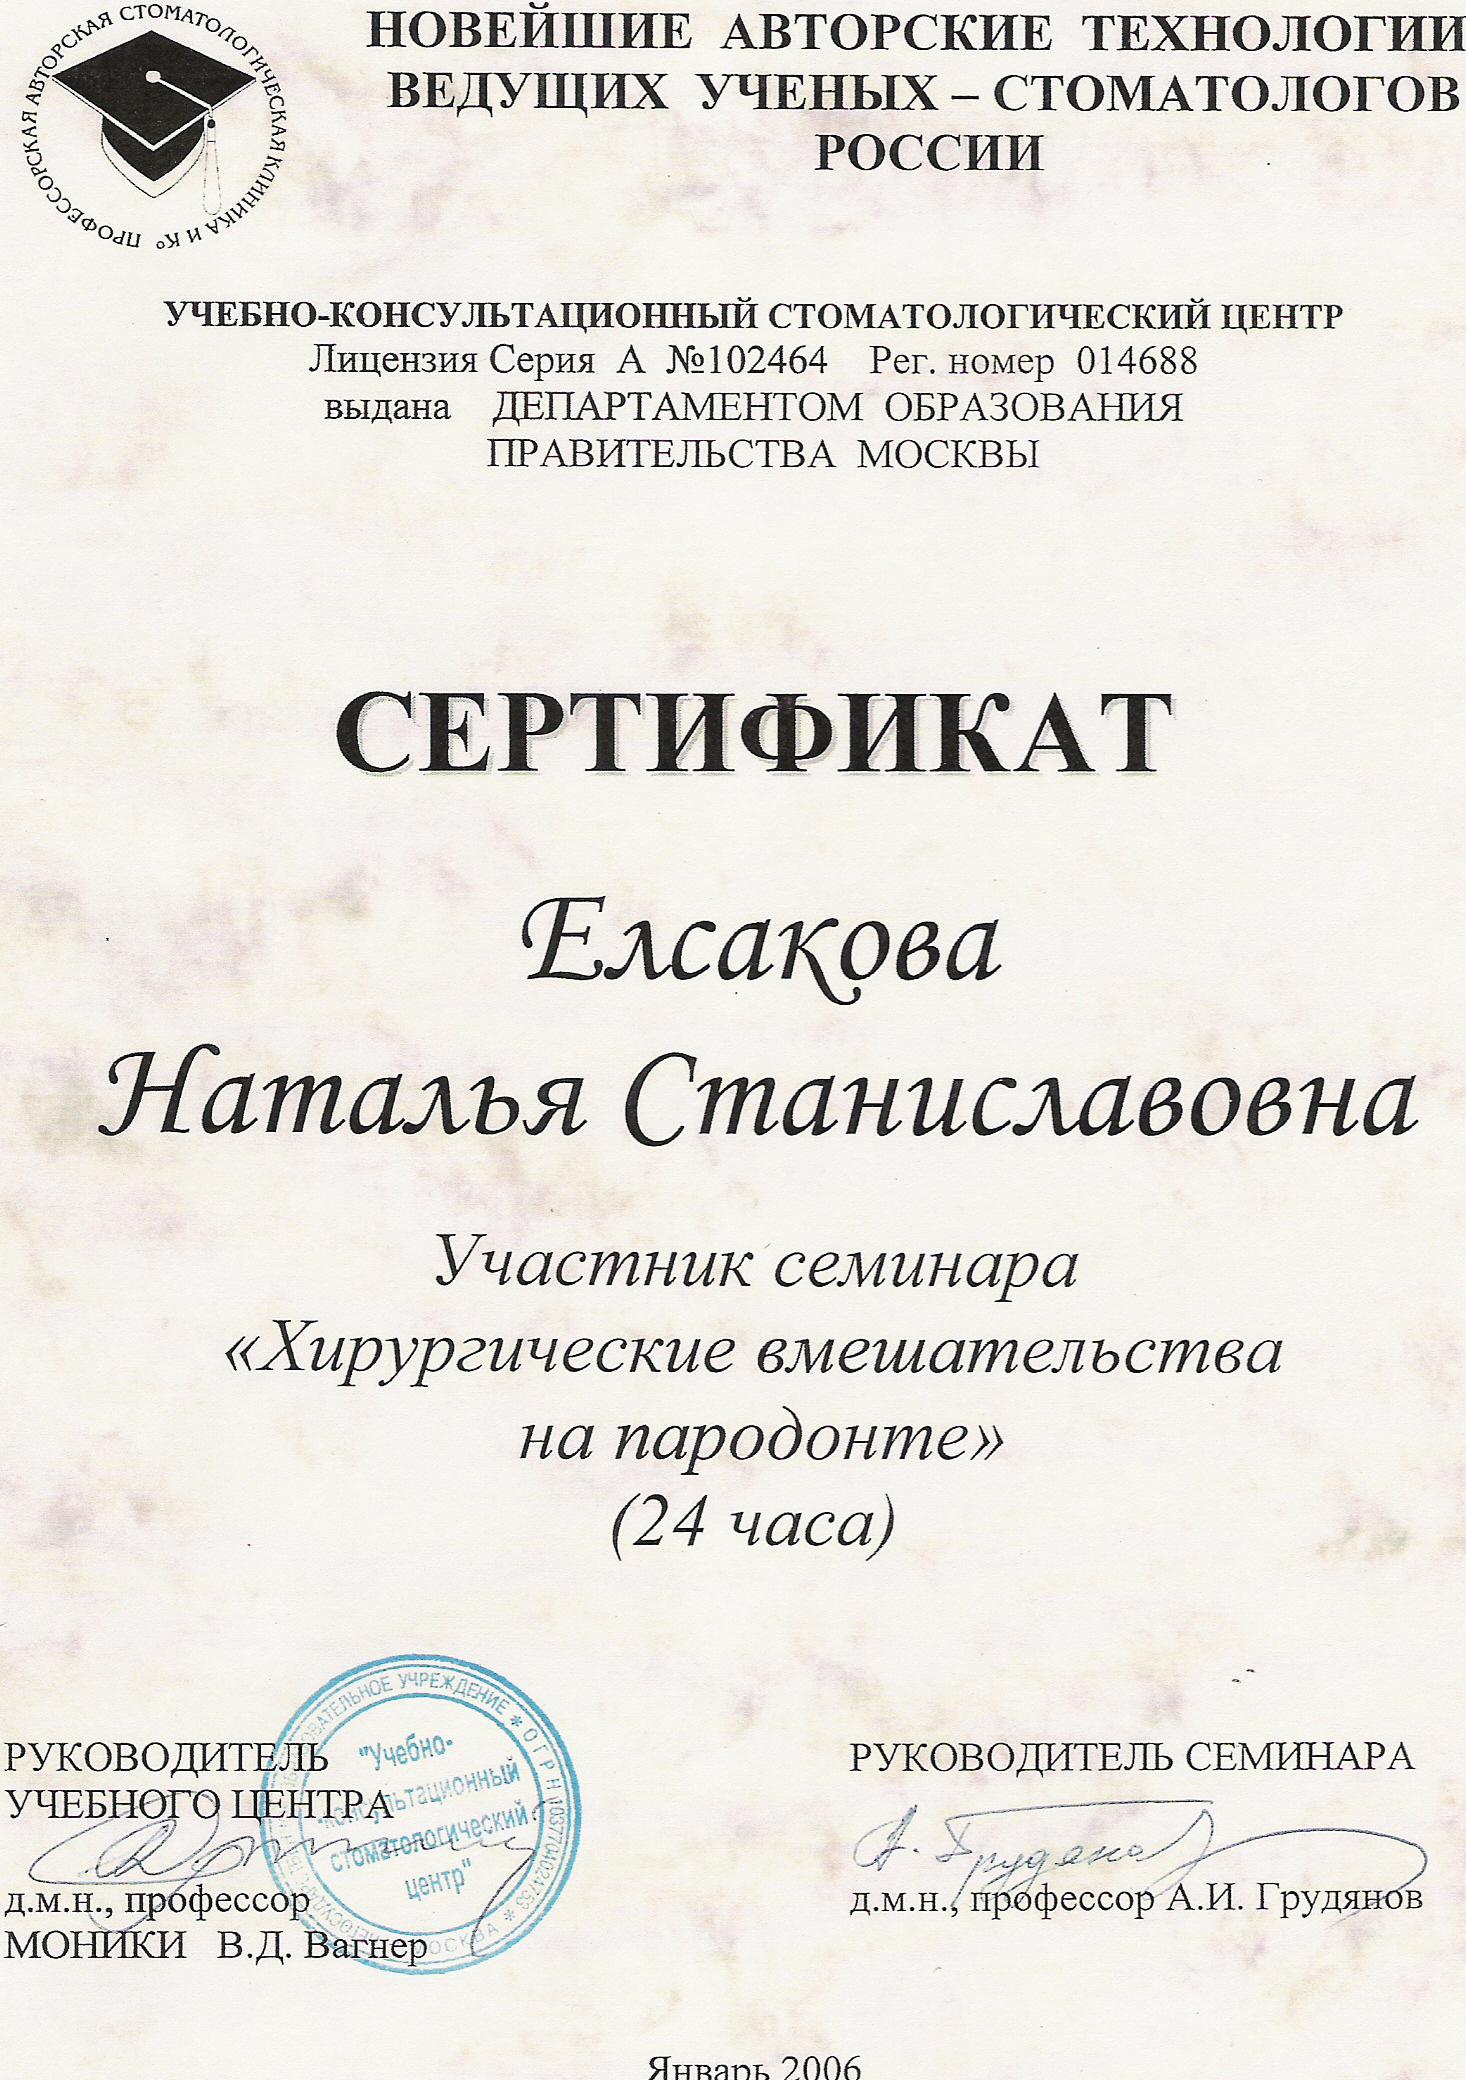 Елсакова Наталья Станиславовна-Сертификат_02